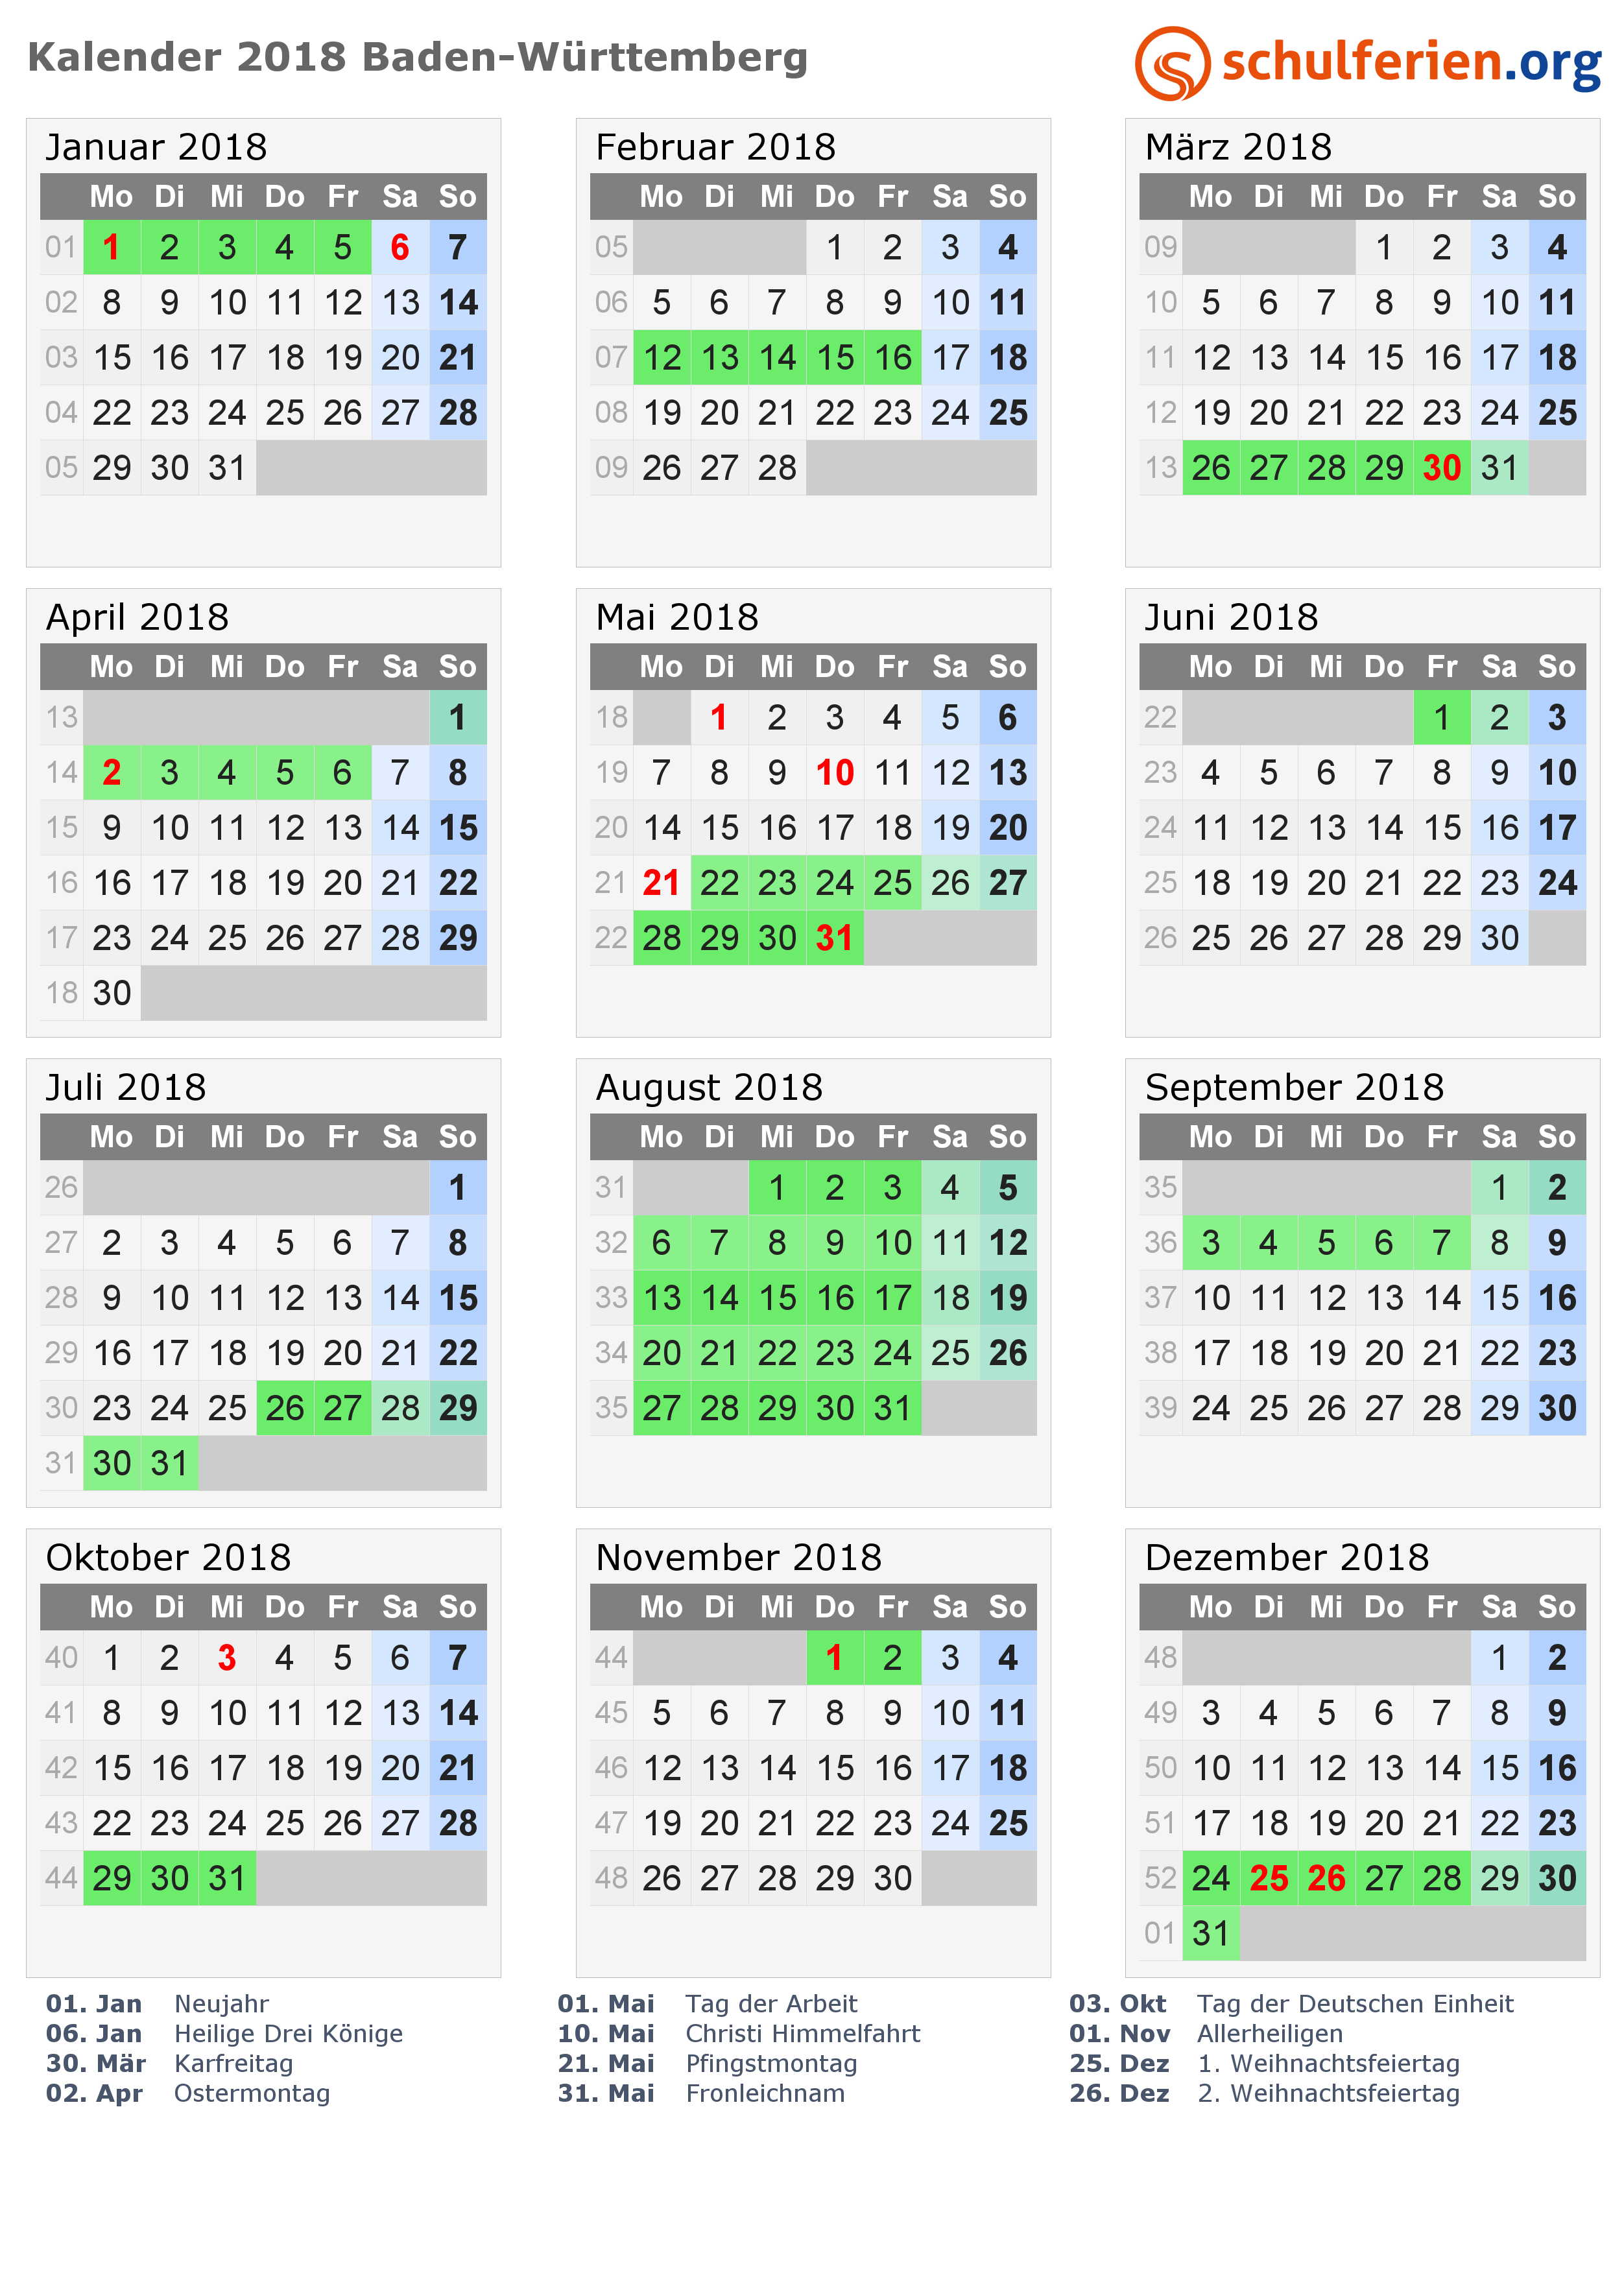 Ausgezeichnet Leere 2015 Kalendervorlage Ideen - Entry Level ...